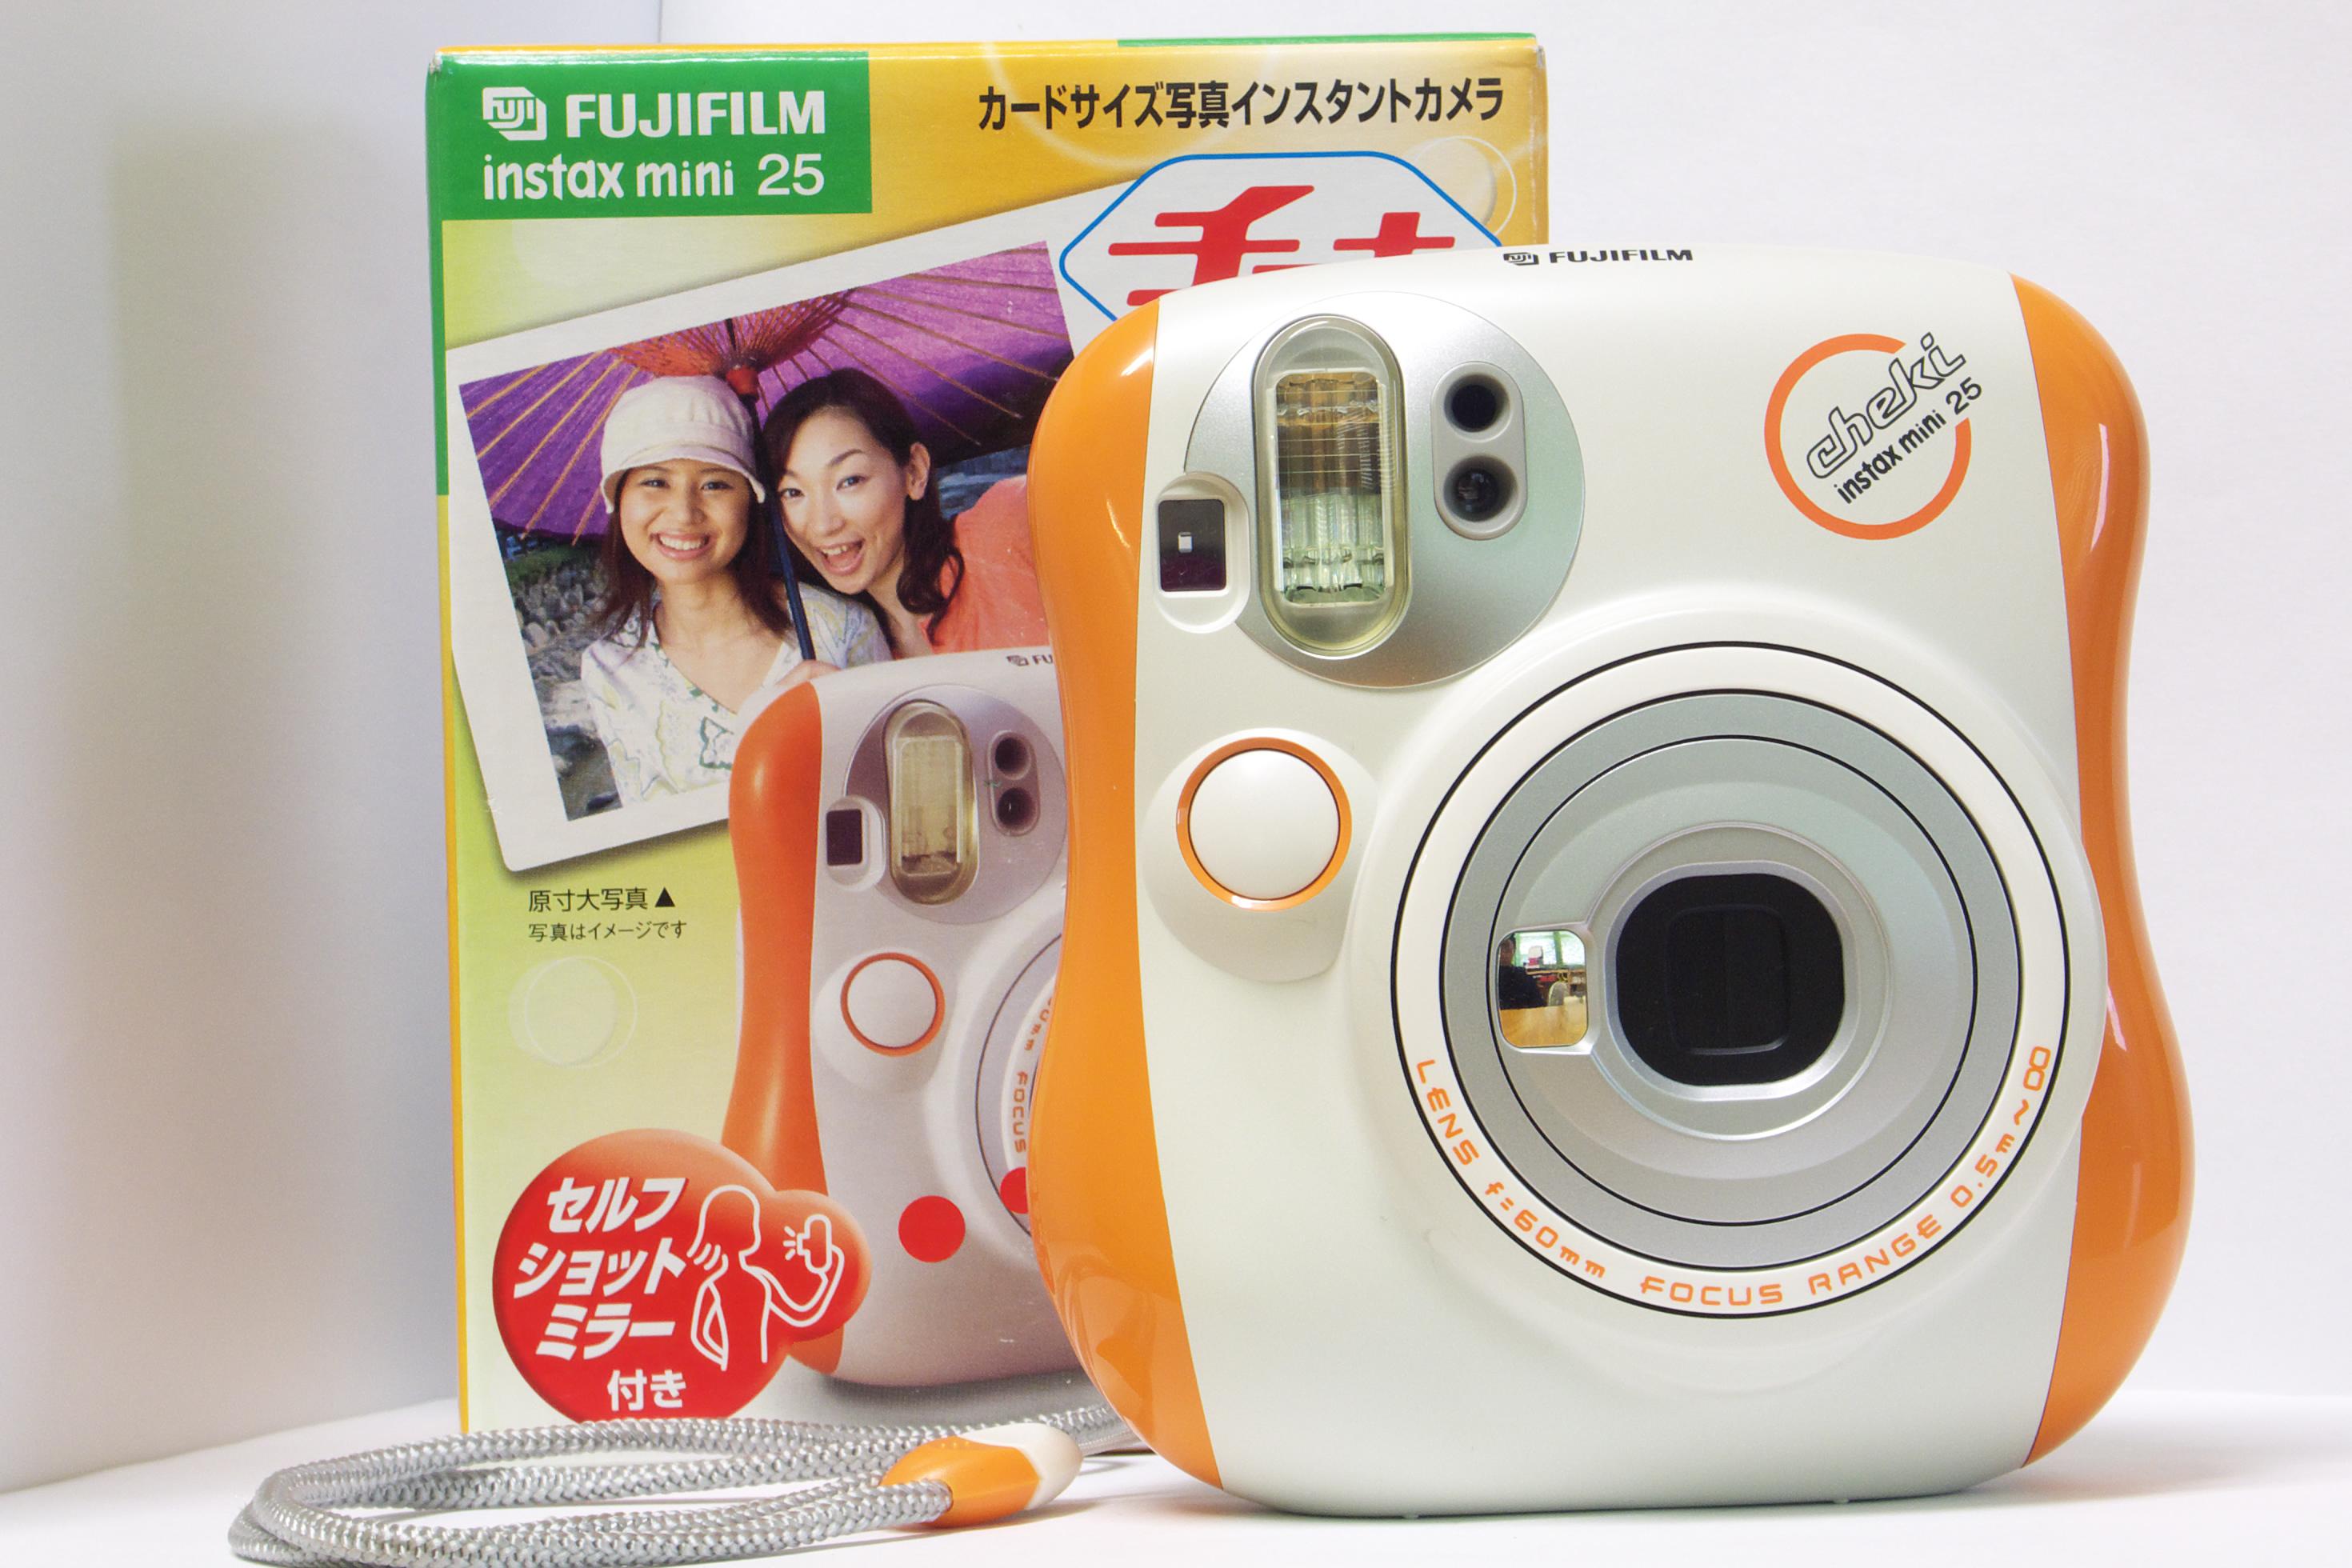 Description Fujifilm Instax Mini 25 Camera Front.jpg